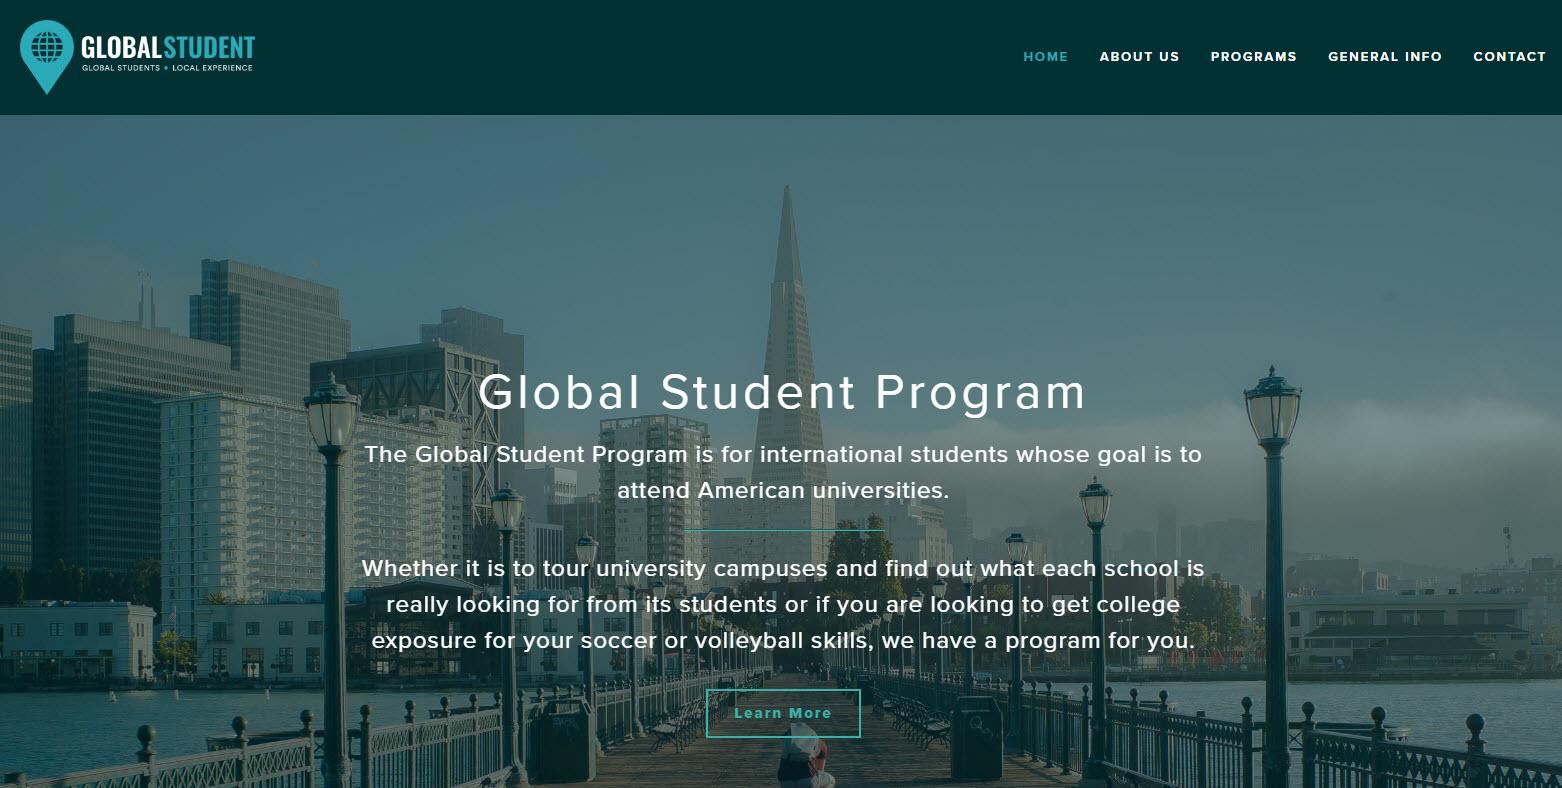 gsprogram.com